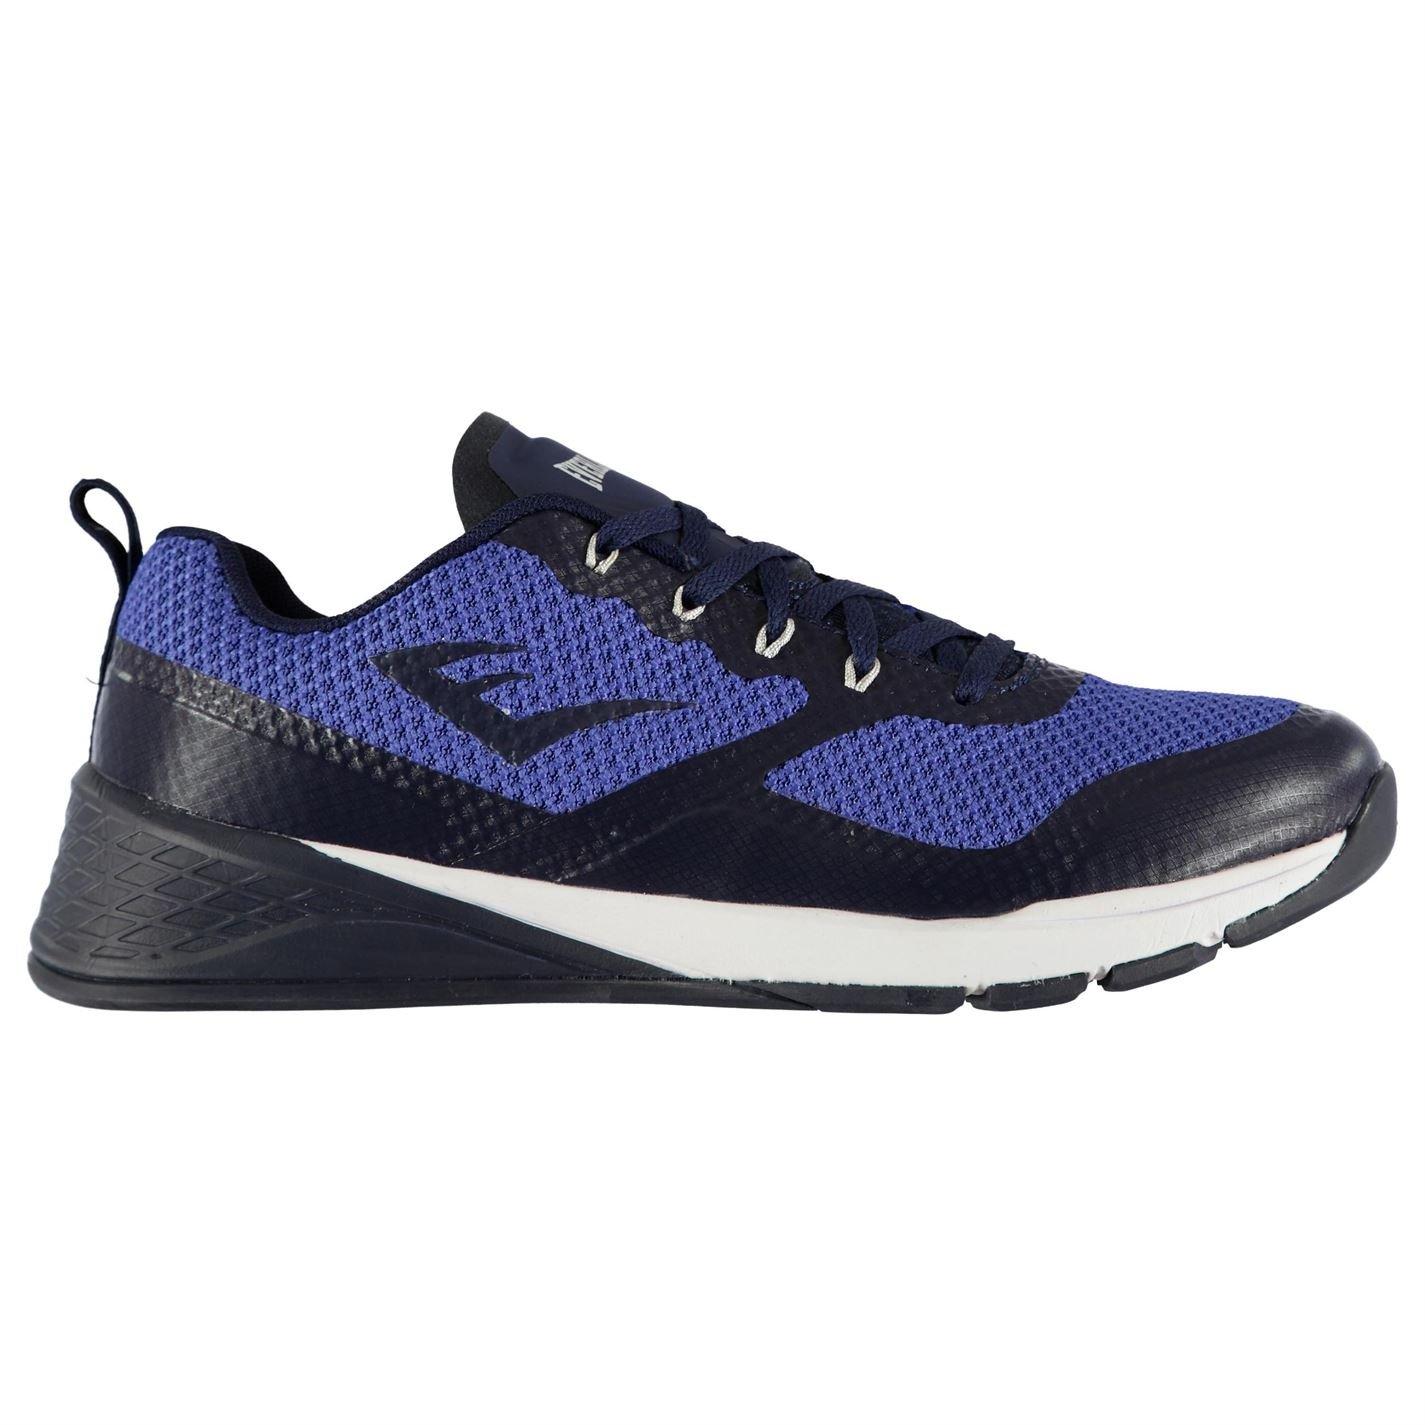 Everlast Hombre Max Rep Zapatillas De Deporte 45 EU|Azul Marino/Azul